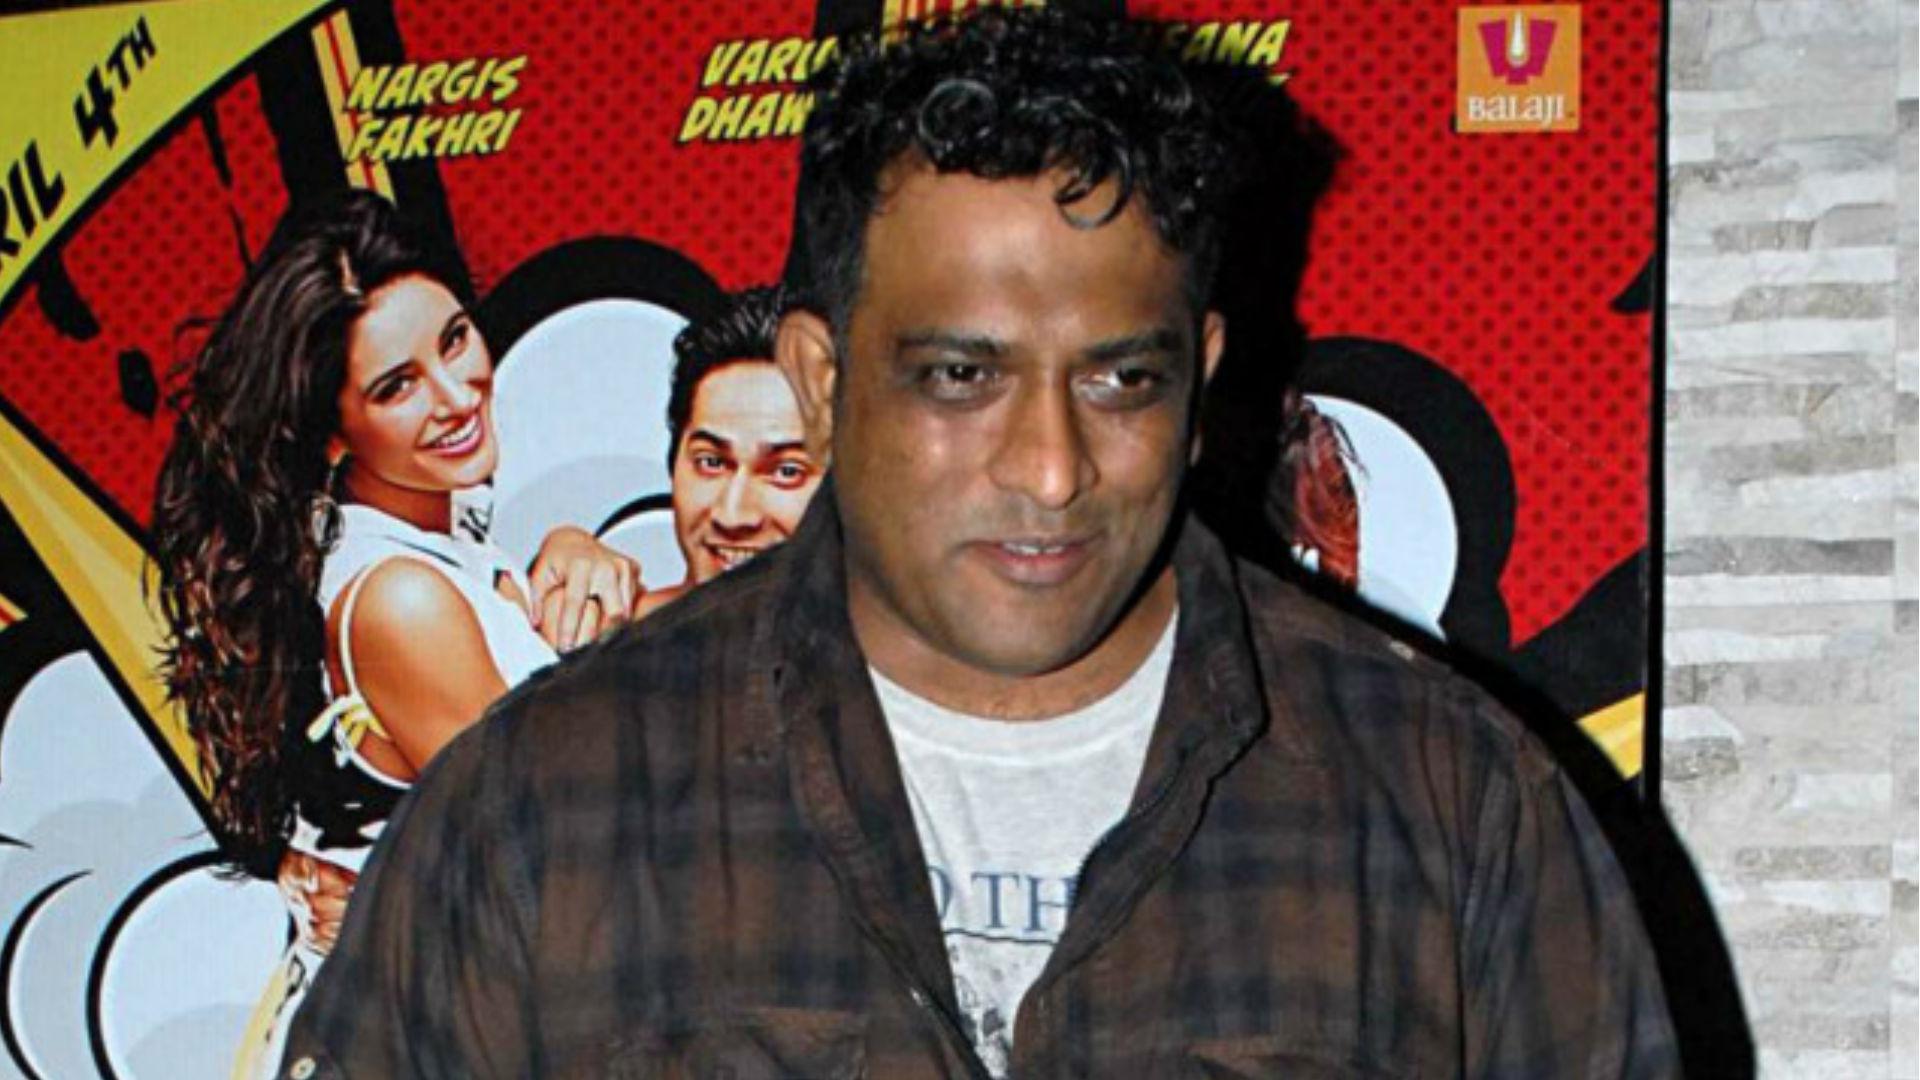 अनुराग बसु की मल्टीस्टारर एक्शन-कॉमेडी फिल्म की रिलीज डेट बदली, अब इस दिन देगी सिनेमाघरों में दस्तक